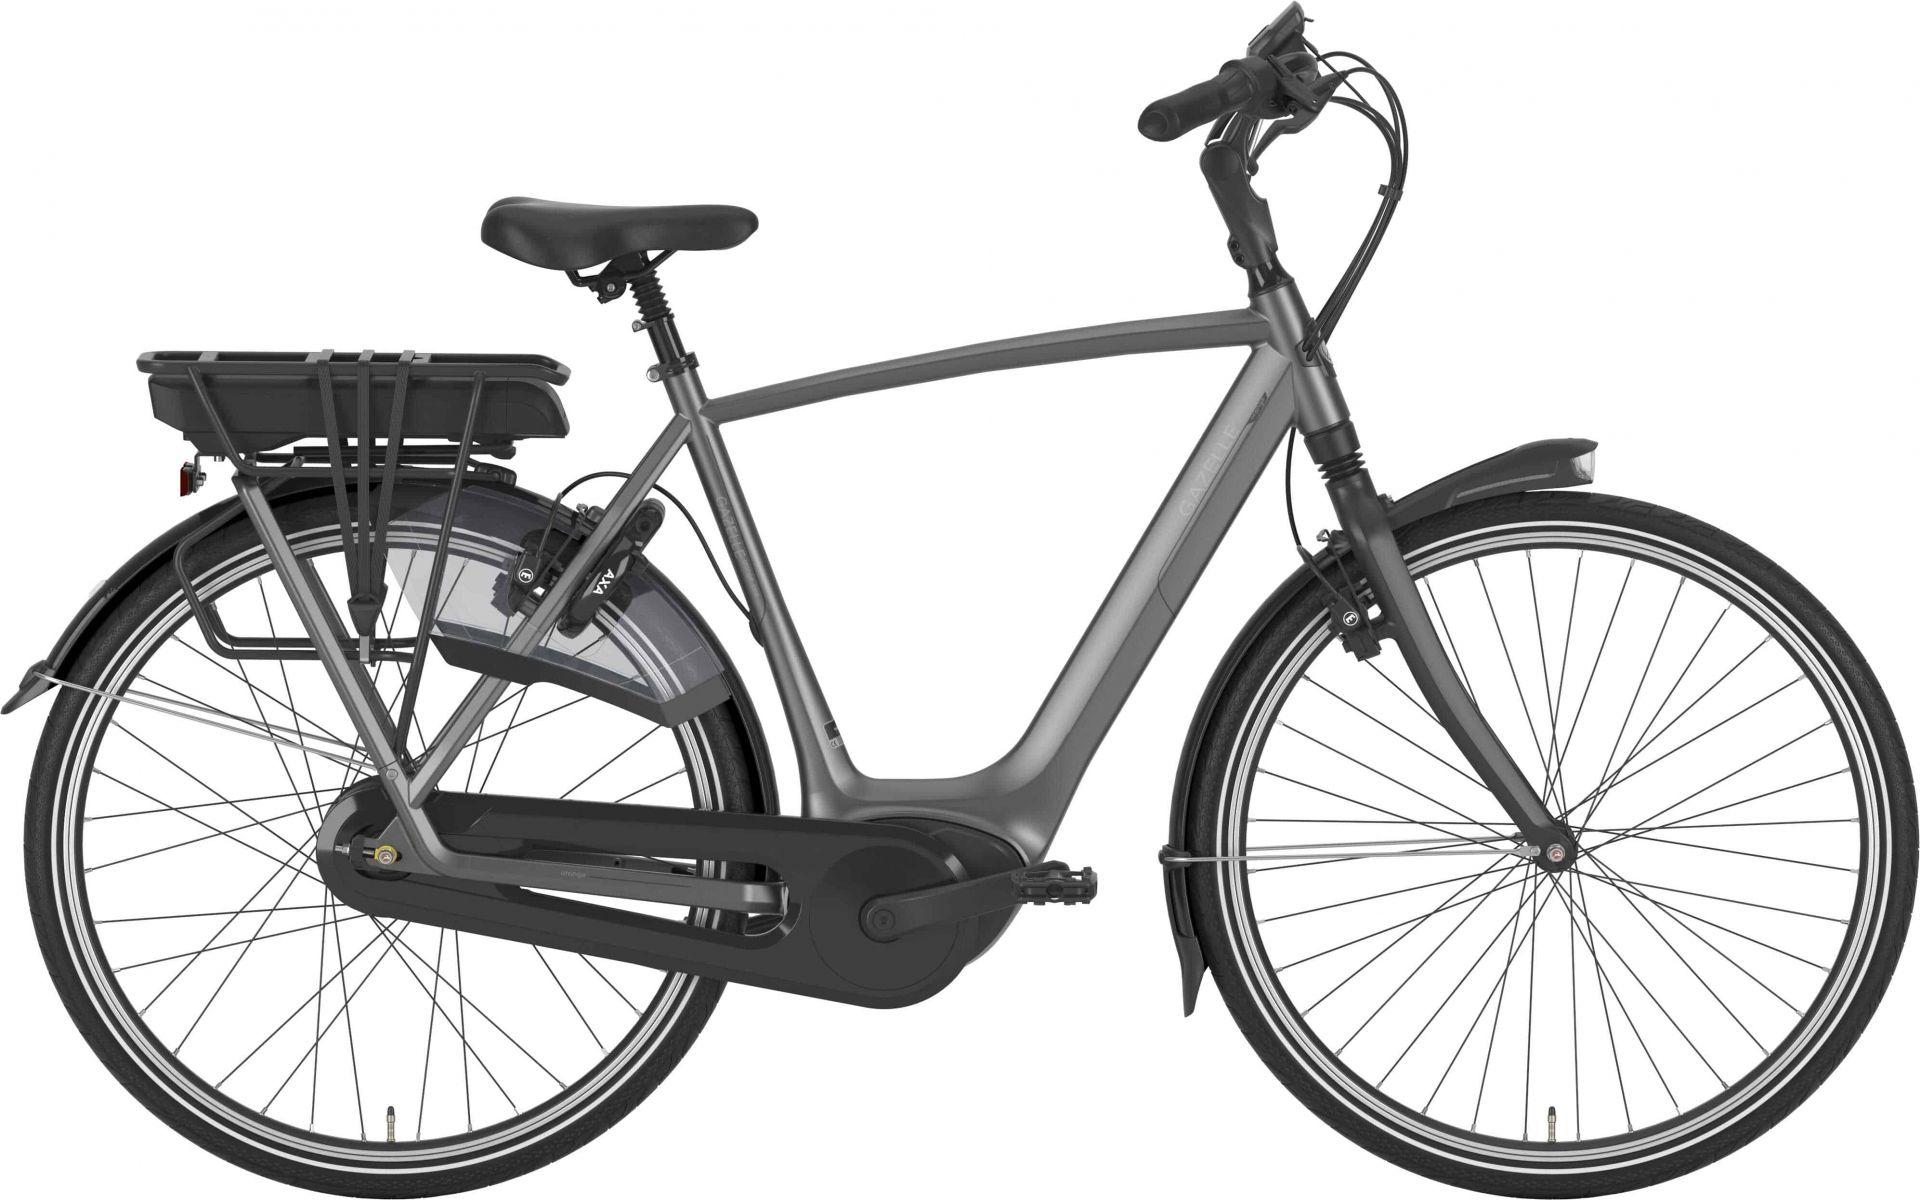 Pedalatleten Gazelle Orange C310 Hmb Herre Aluminum Grey - 2020 Cykler||Gazelle||Gazelle Elcykler